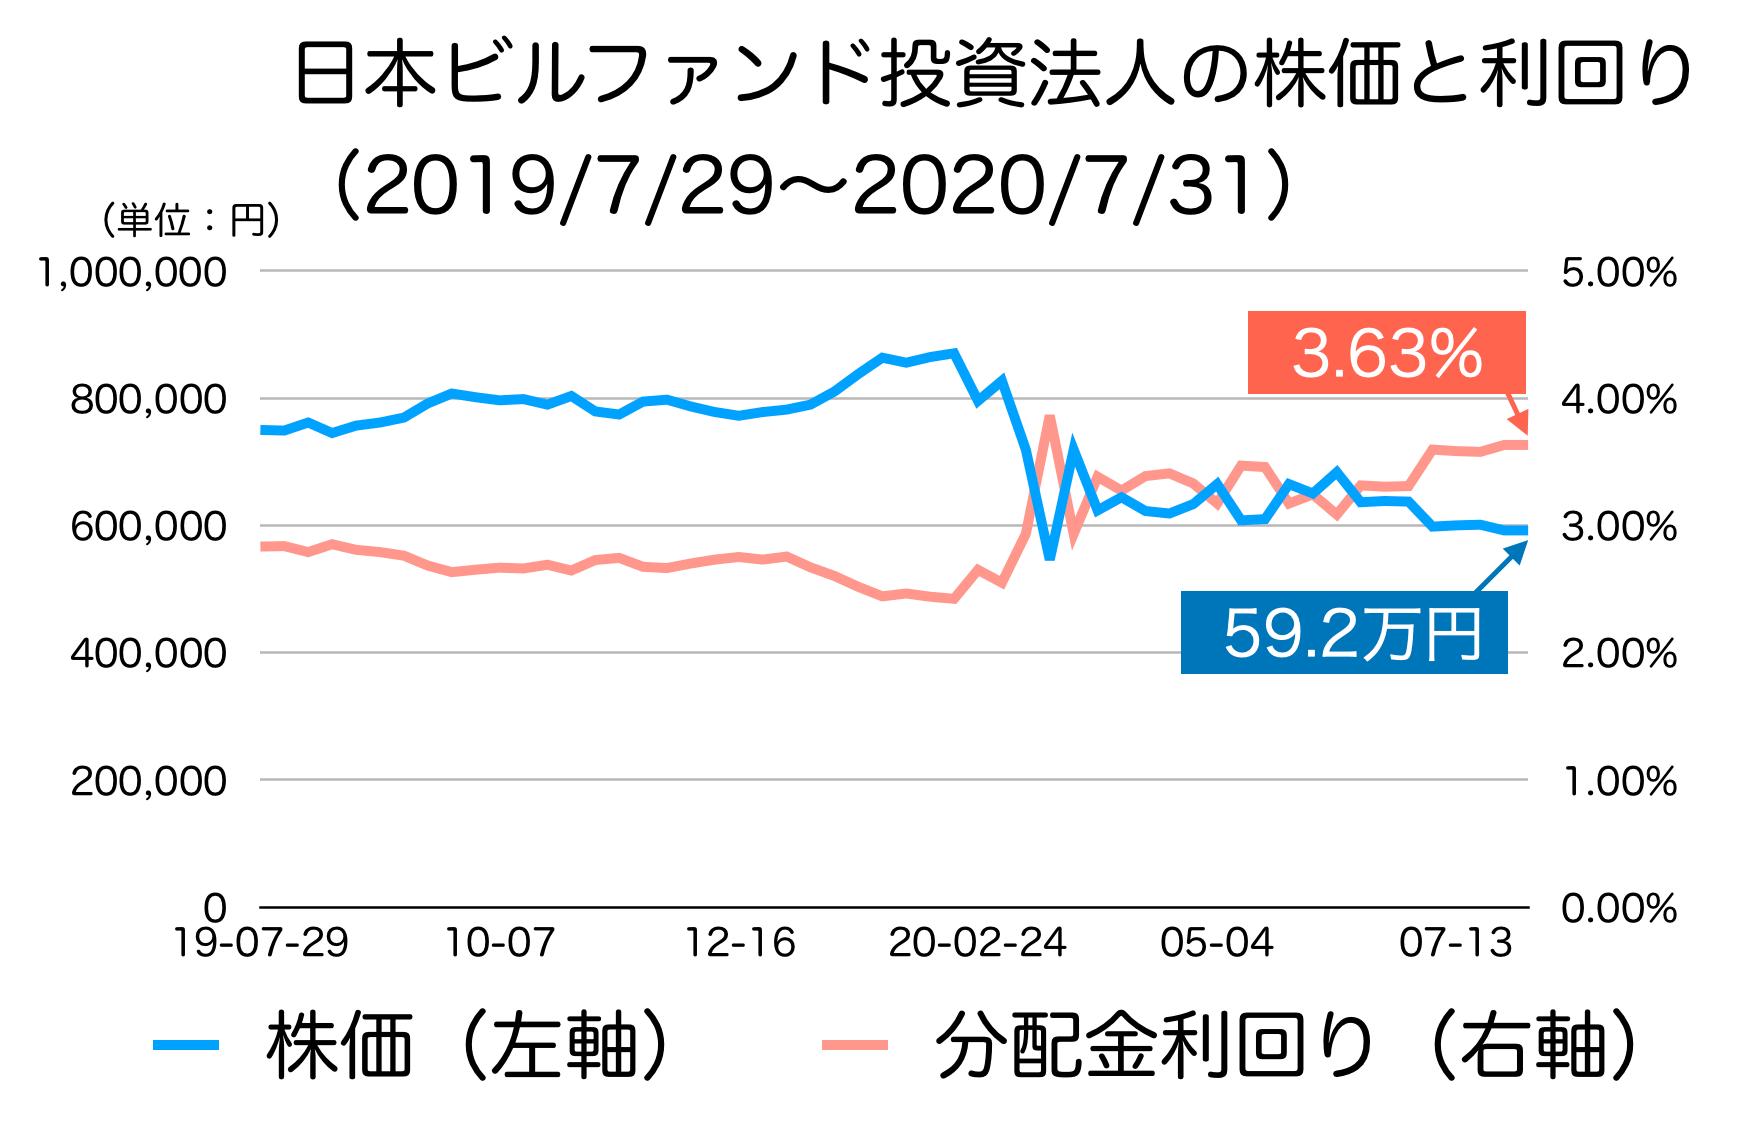 日本ビルファンド投資法人の株価と利回り